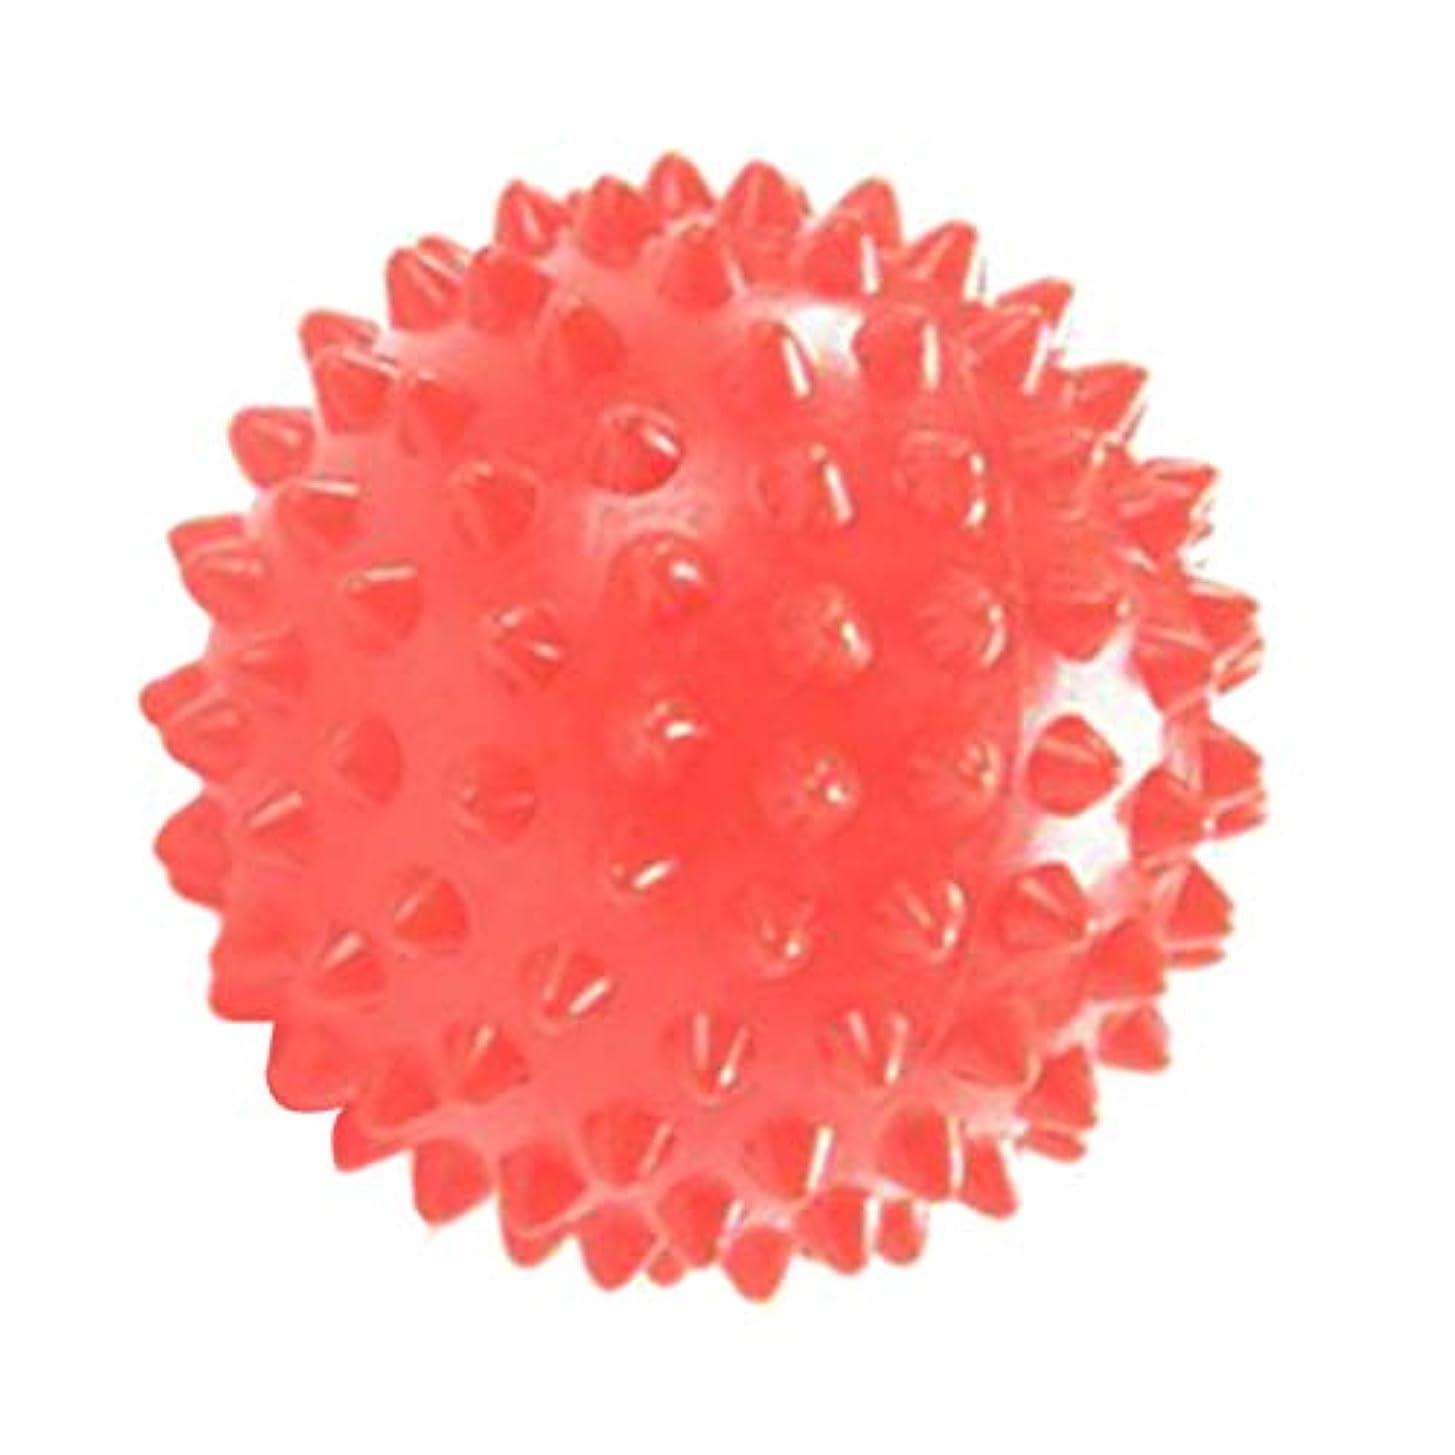 廃棄する案件徒歩でdailymall マッサージボール 触覚ボール リフレクションボール 指圧ボール ツボ押し 筋膜リリースヨガ 7cm